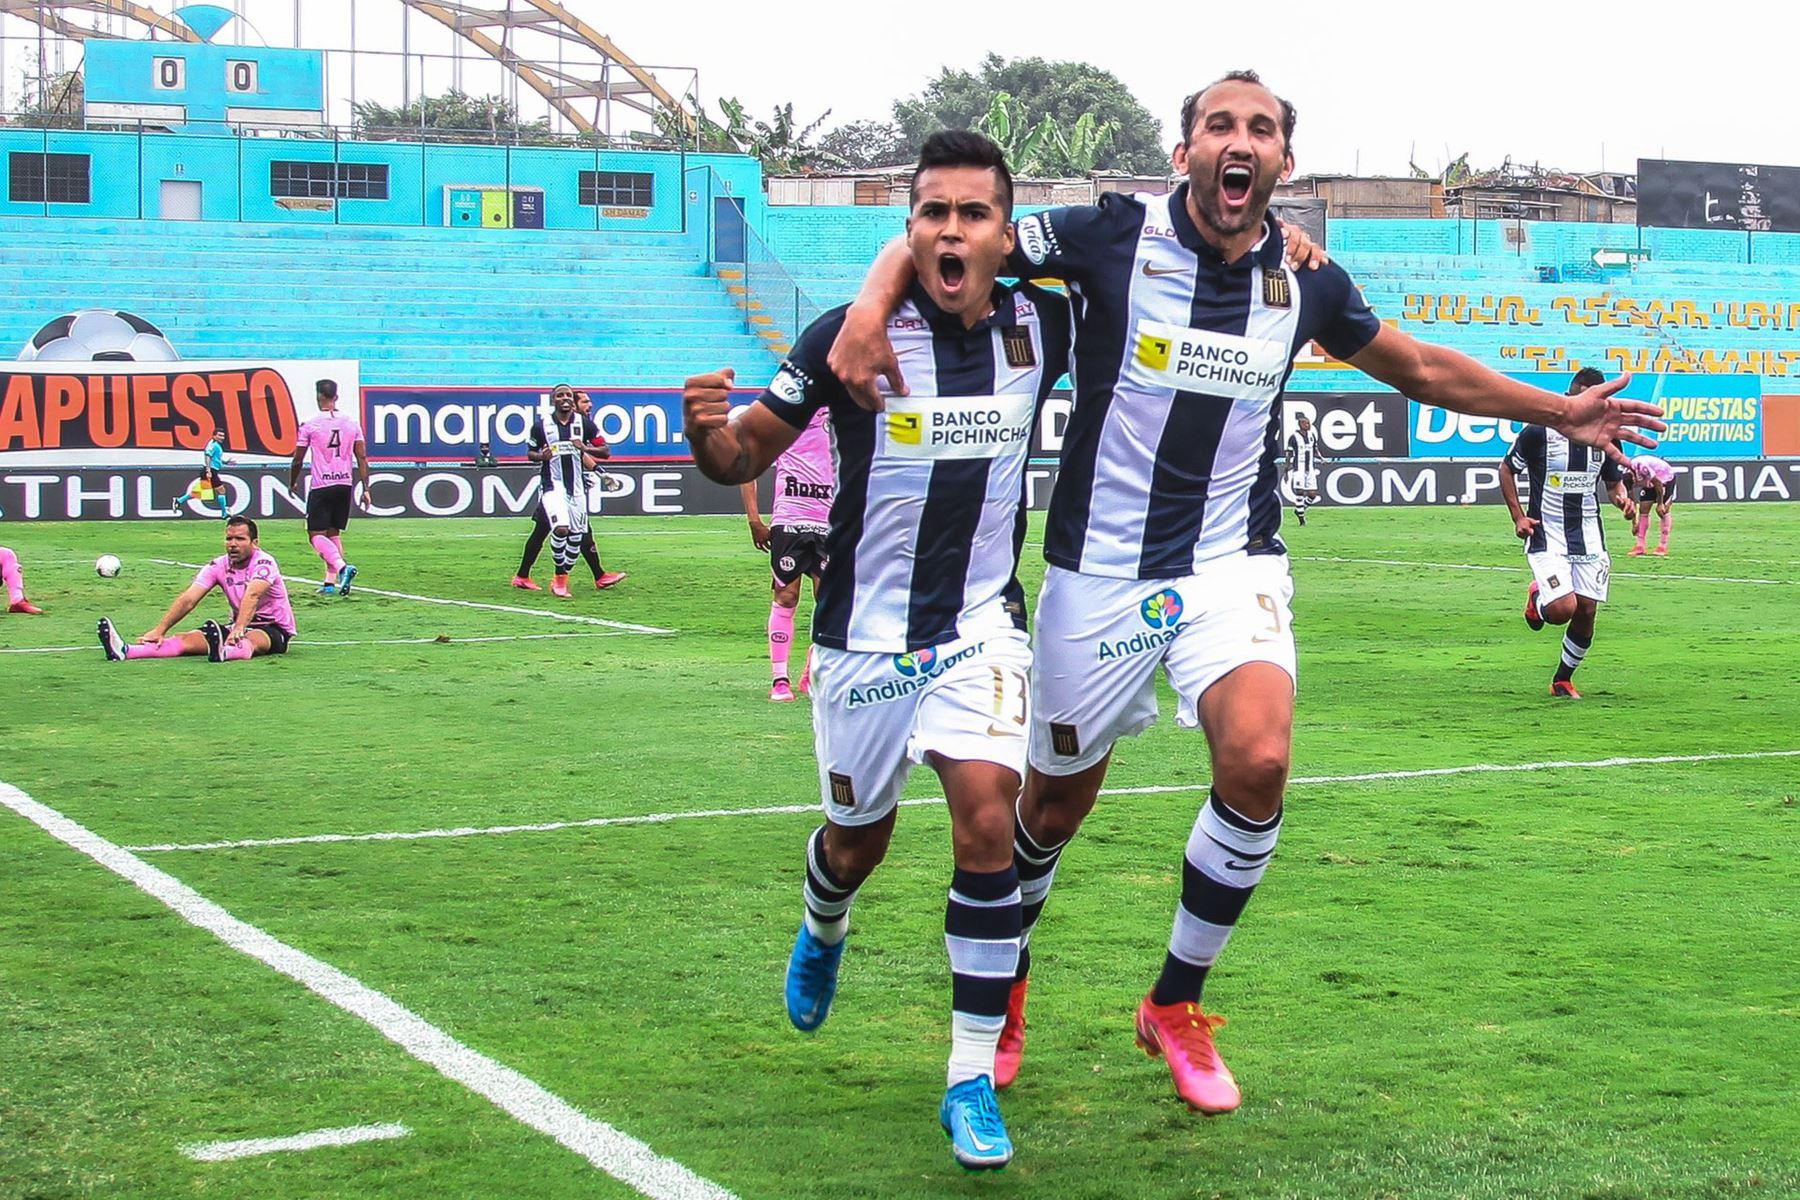 Hernán Barcos de  Alianza Lima celebra su gol anotado ante el club Sport Boys por la octava fecha de la Fase 1 de la Liga 1 Betsson en el estadio Alberto Gallardo.  Foto: Alianza Lima